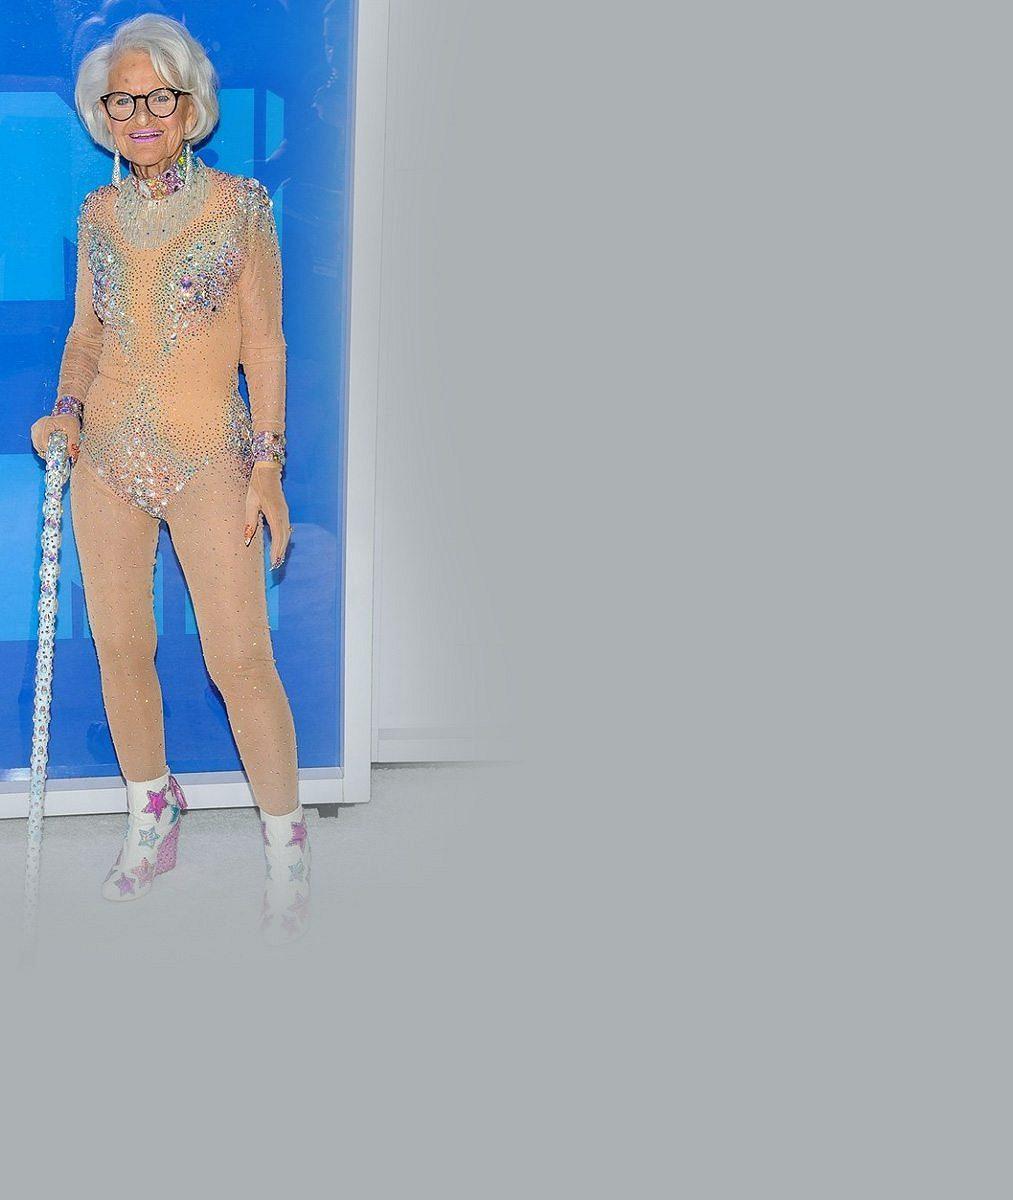 Zběsilá babča (88) okopírovala nejhanbatější outfit Britney Spears: Na ceremoniálu vypadala jako nahá